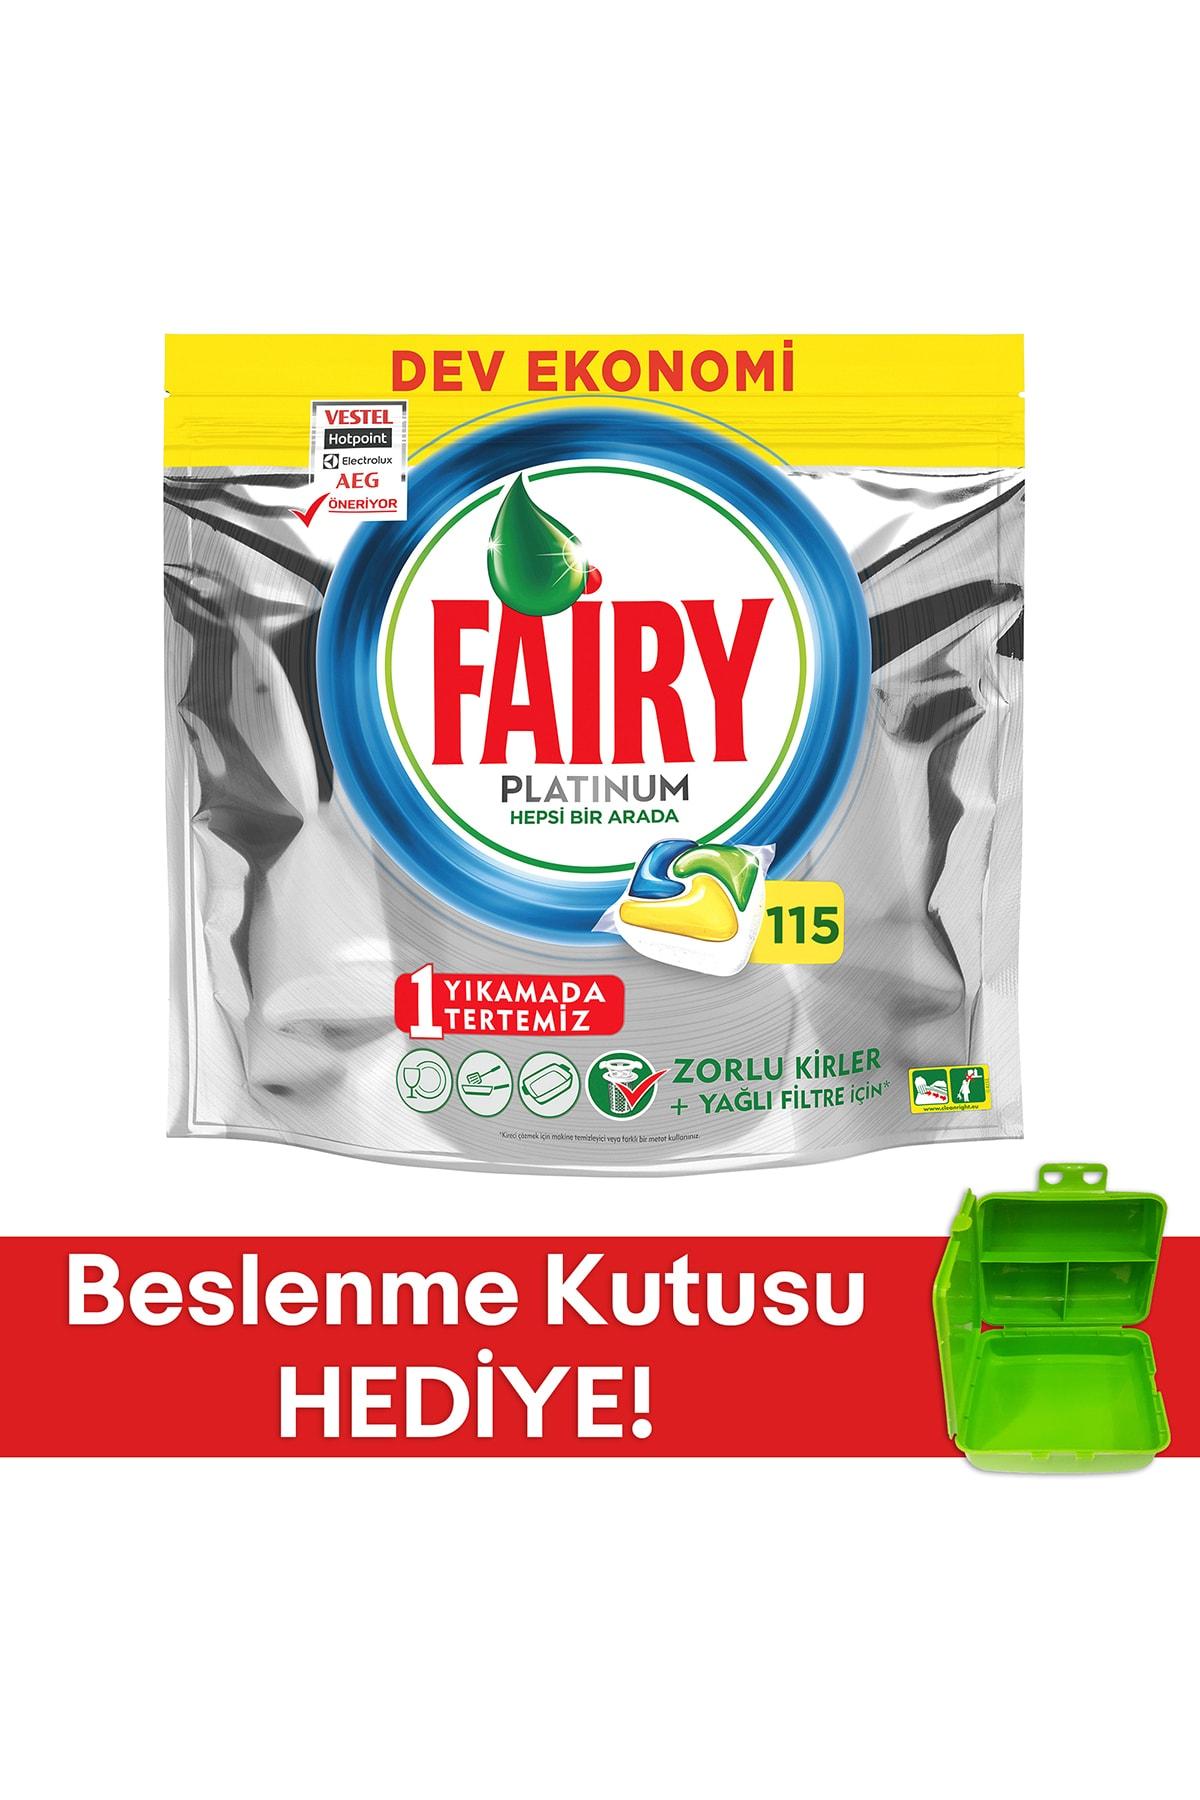 Fairy Platınum 115 Yıkama Bulaşık Makinesi Kapsul Limon Kokulu (beslenme Kutusu Hediye) 1